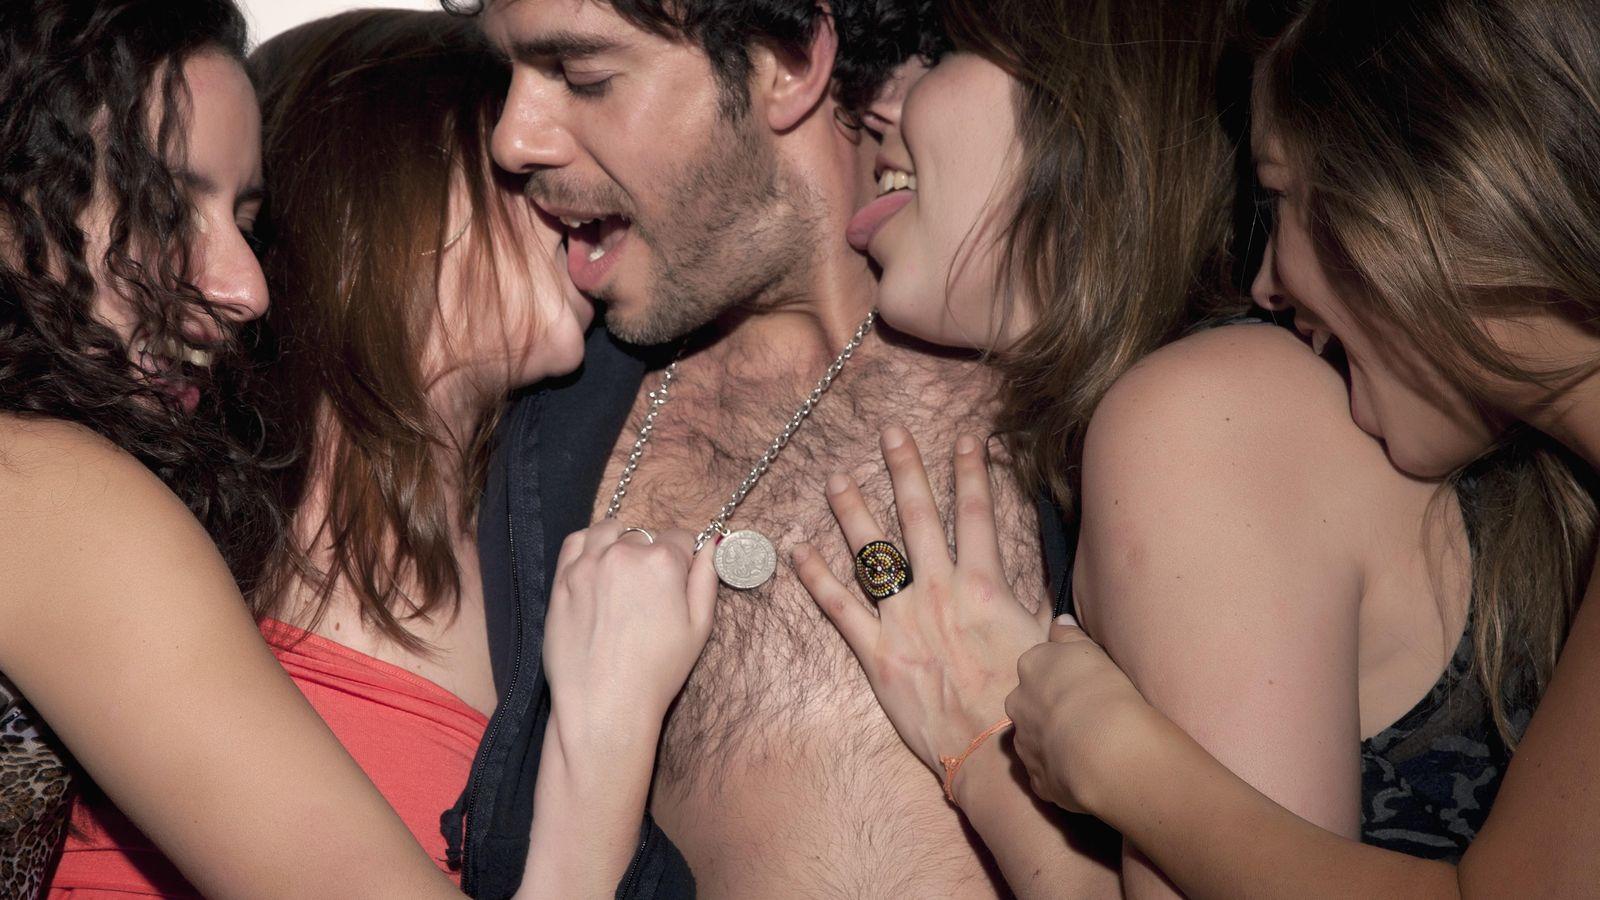 Foto: Esto no es la vida de un actor erótico, esto es una fantasía que no tiene nada que ver con la realidad. (Corbis)